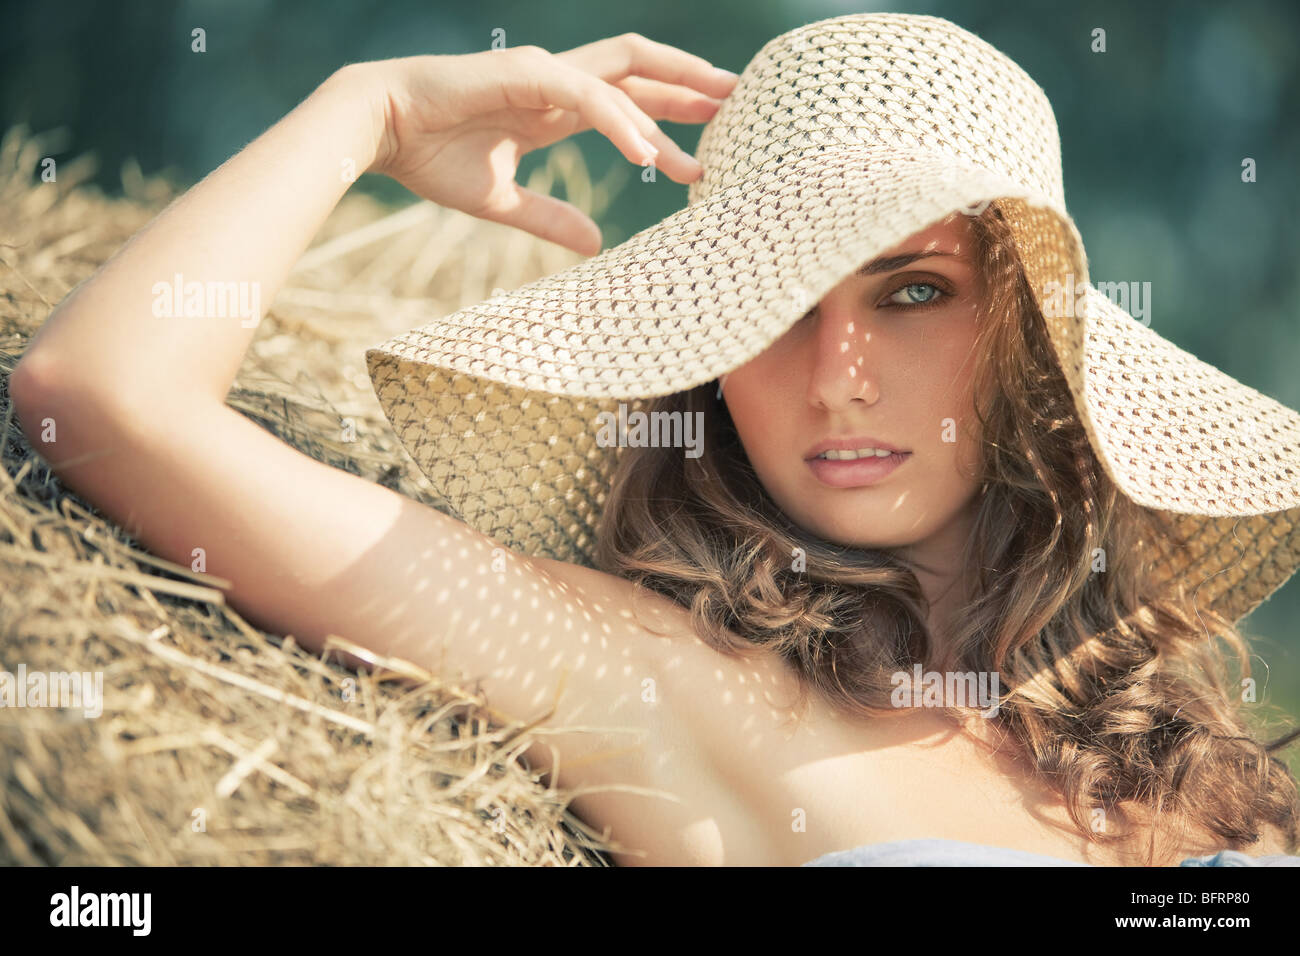 Junge Frau in einem Hut Porträt. Sanften Farben. Stockfoto